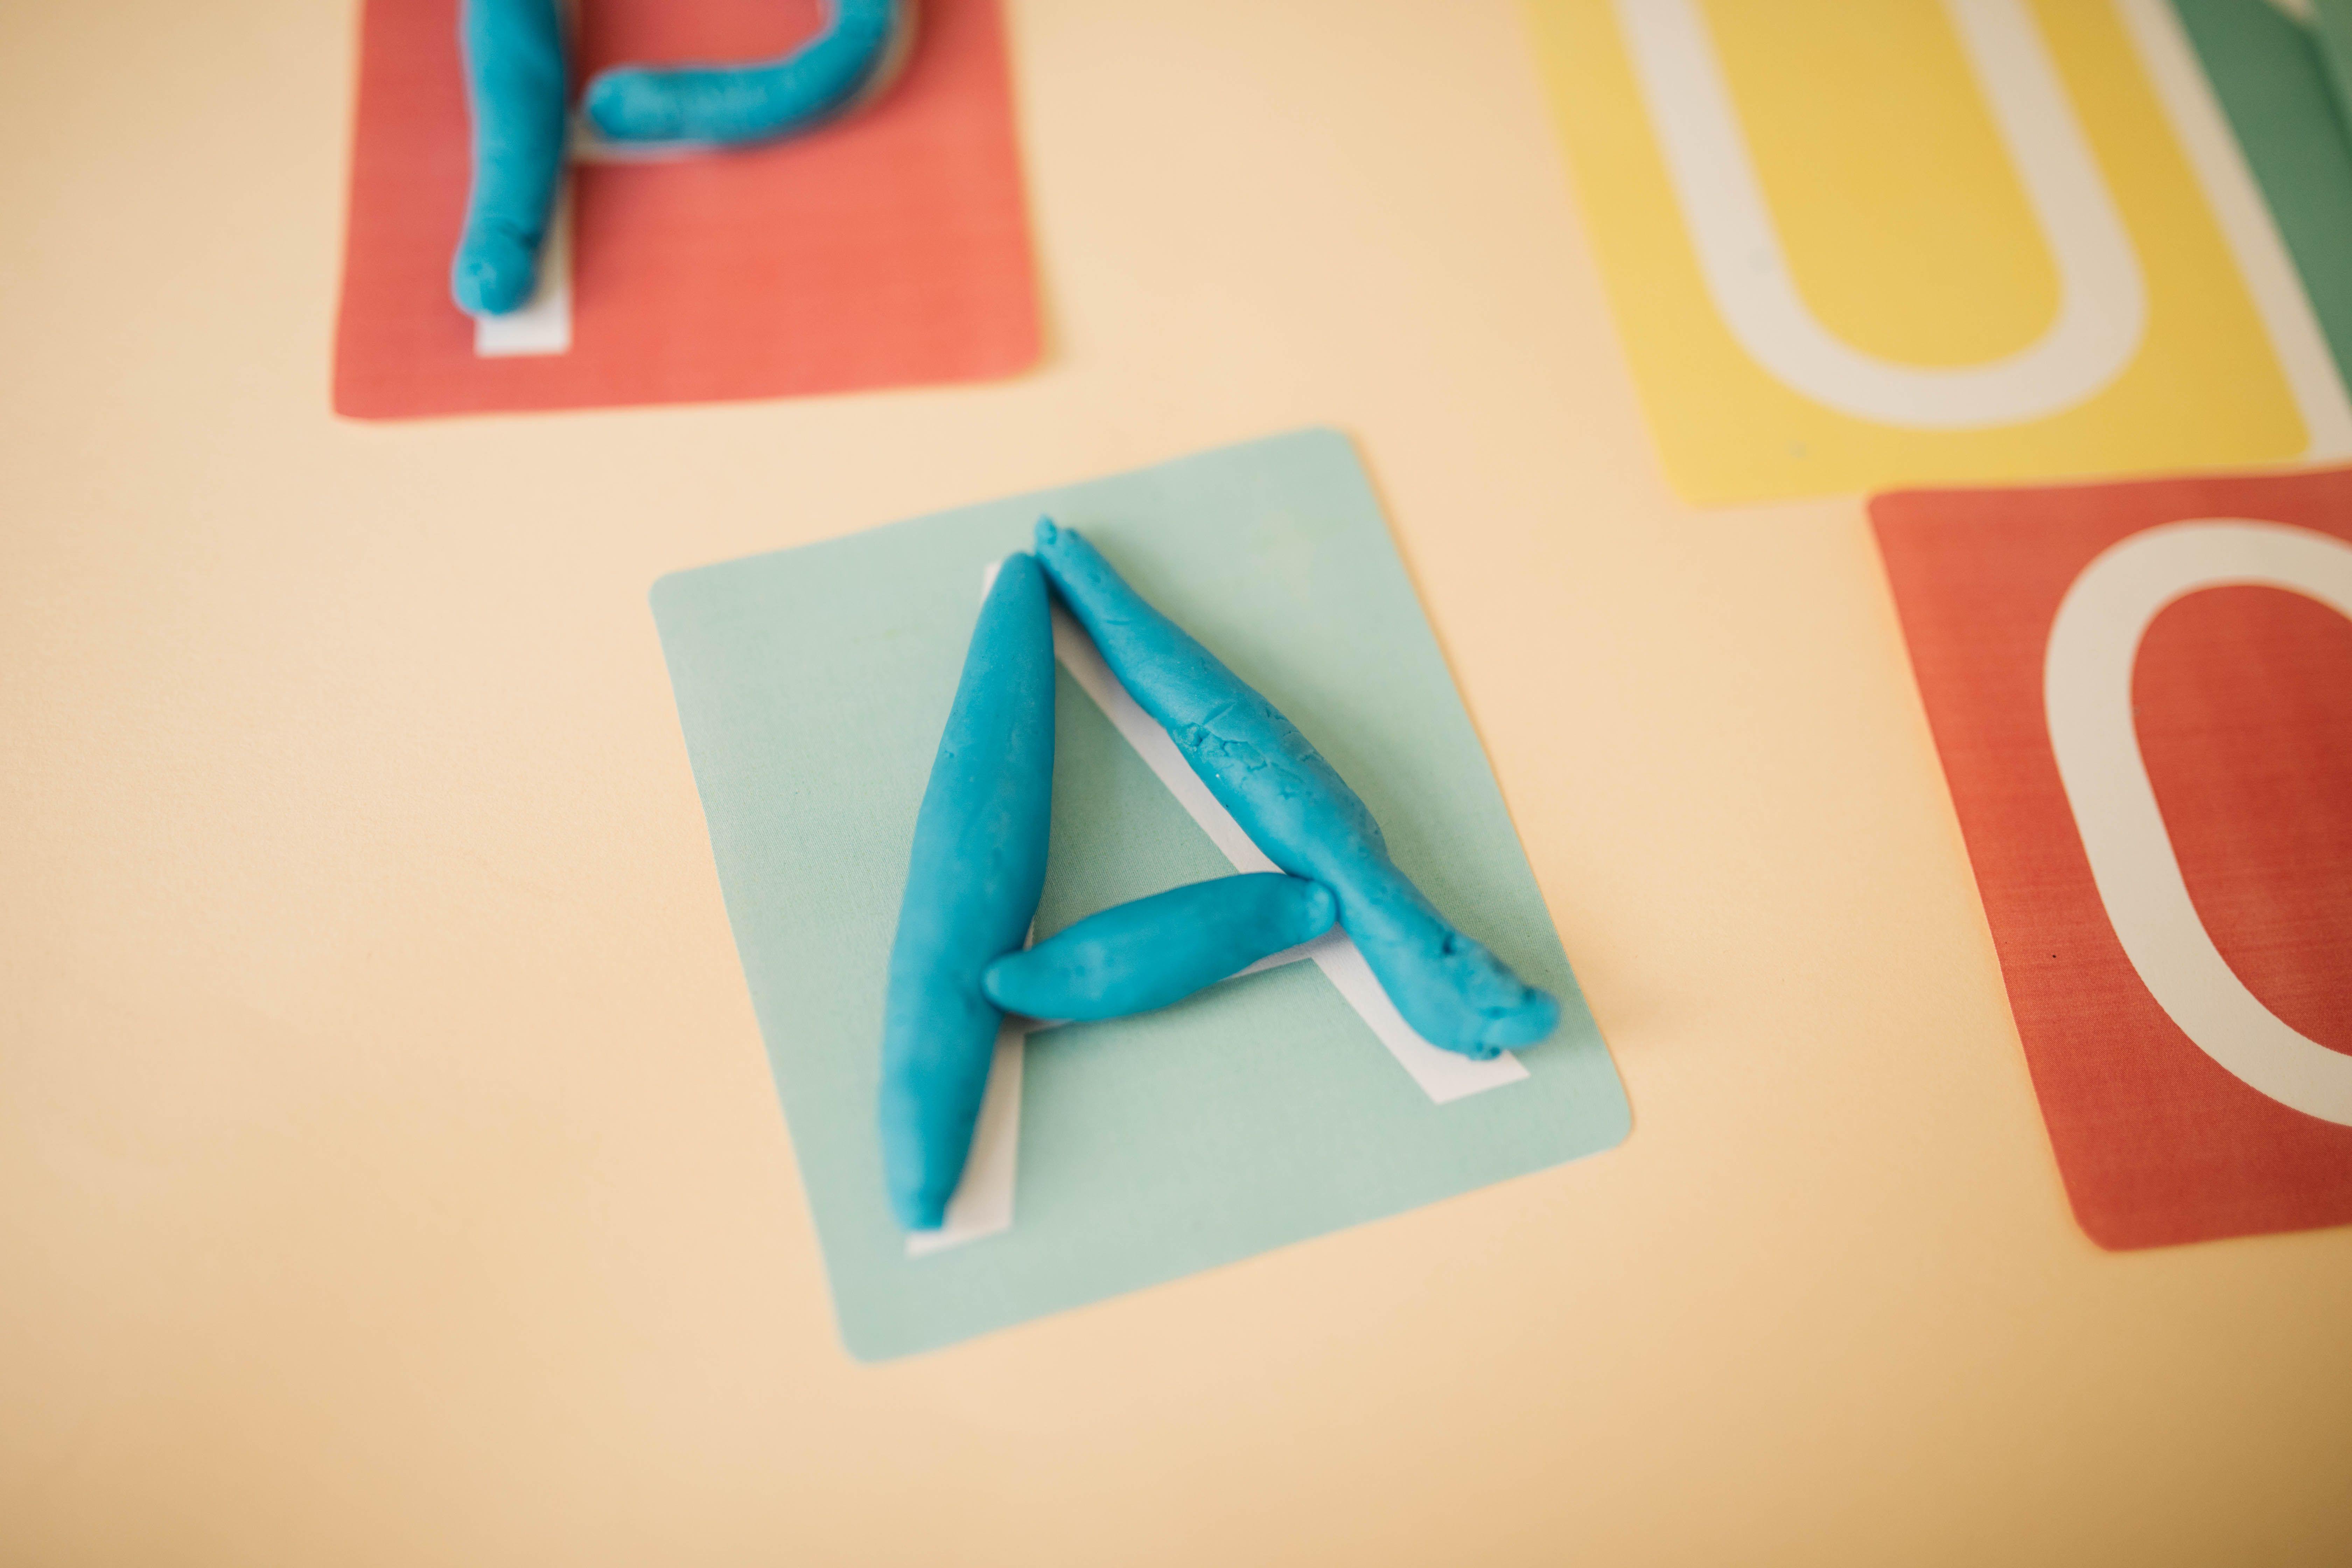 Activités À Faire À La Maison les meilleures activités montessori pour les 3 - 7 ans à